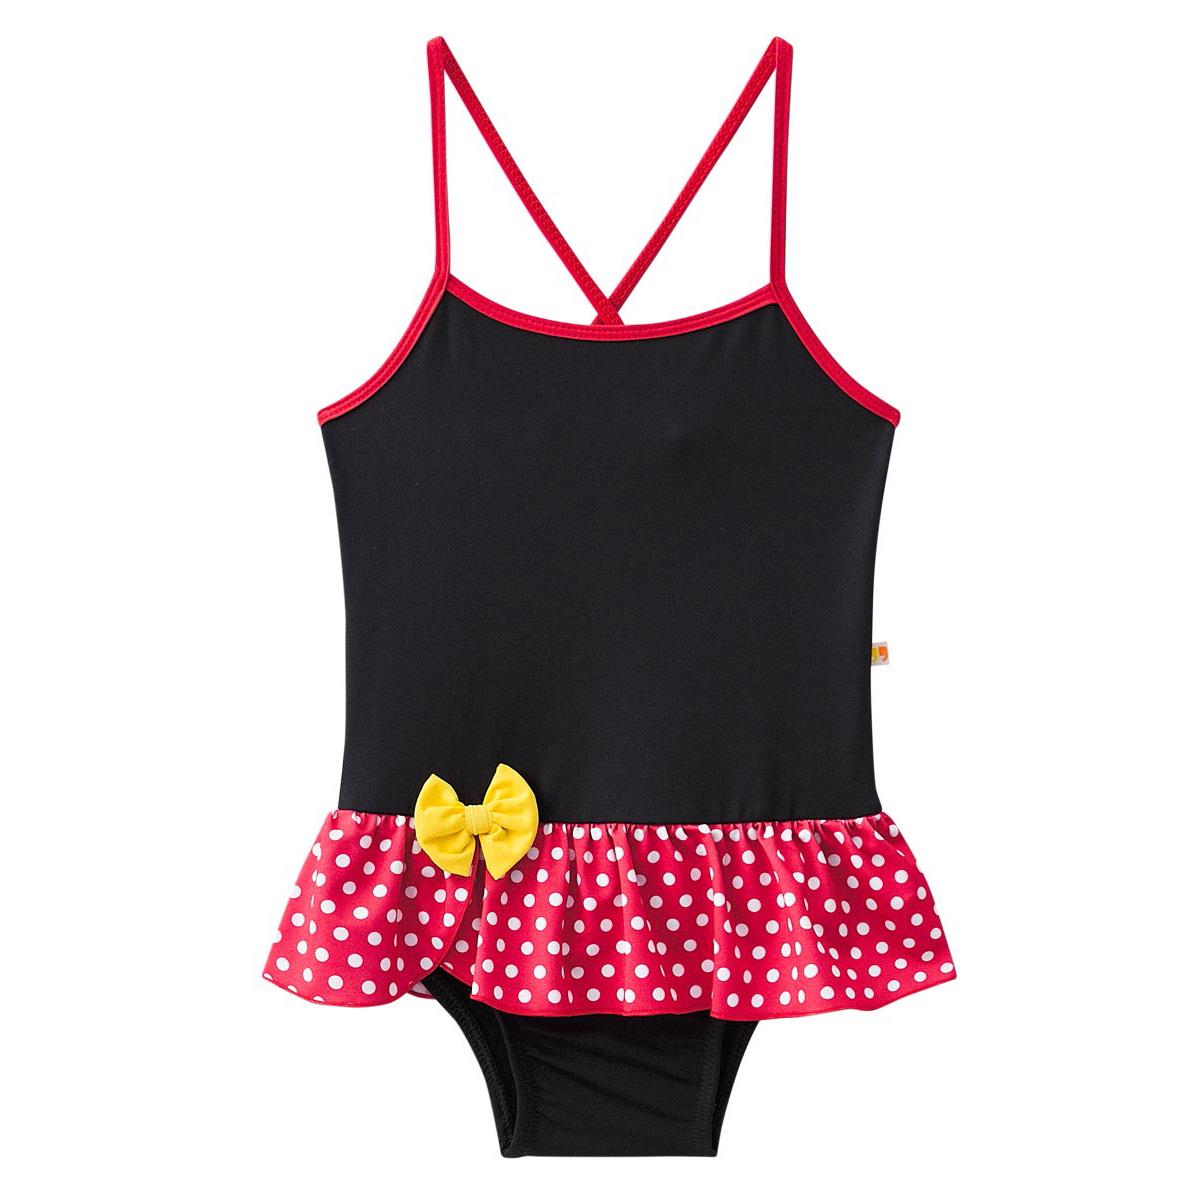 Biquini maiô bebê baby preto vermelho bolinha sainha minnie